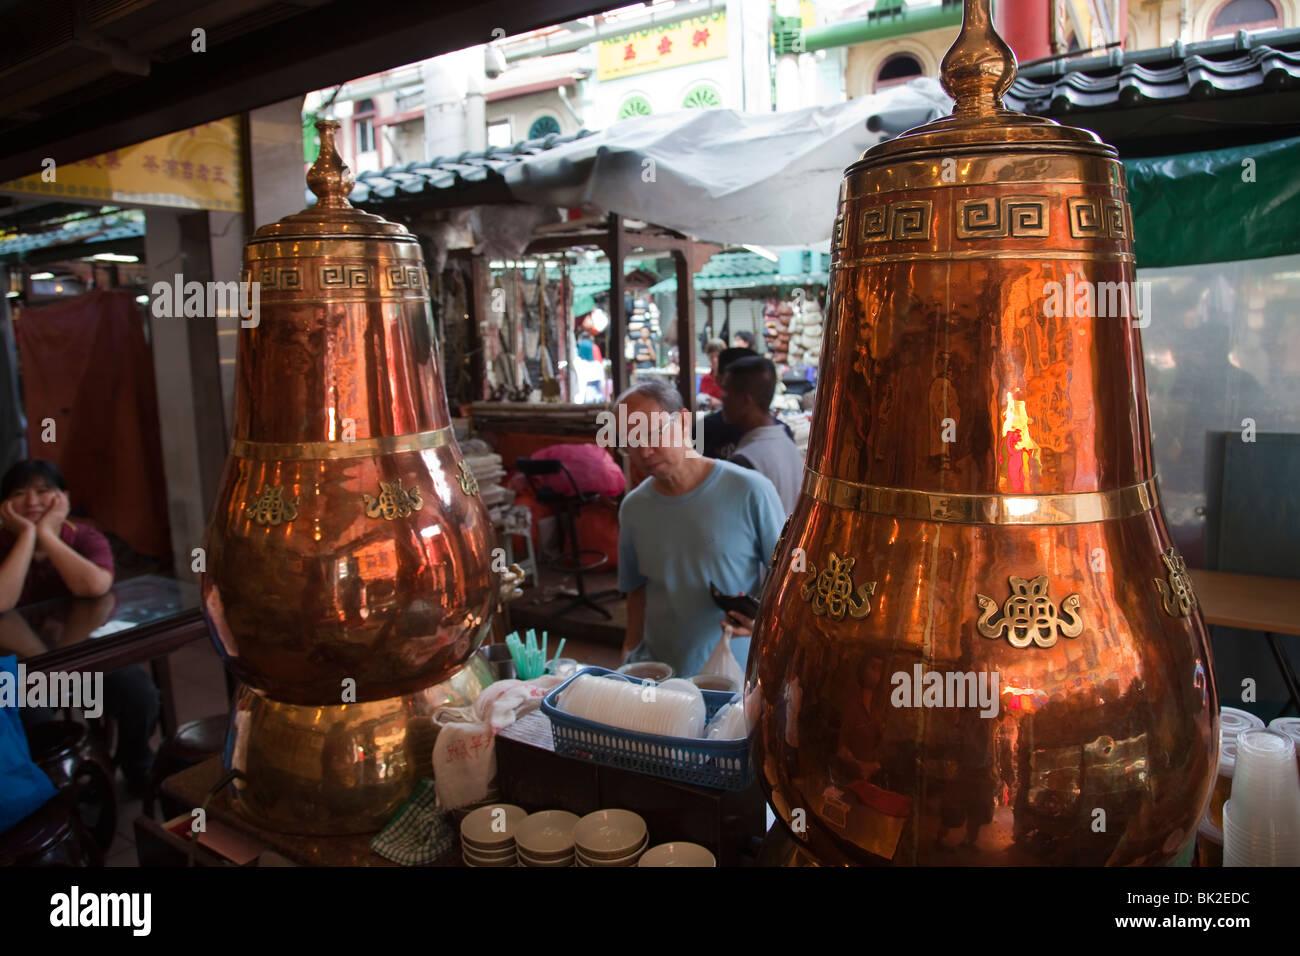 Magasin de thé de la rue du marché le nouvel an chinois tourisme voyage Malaisie Kuala Lumpur China town Photo Stock